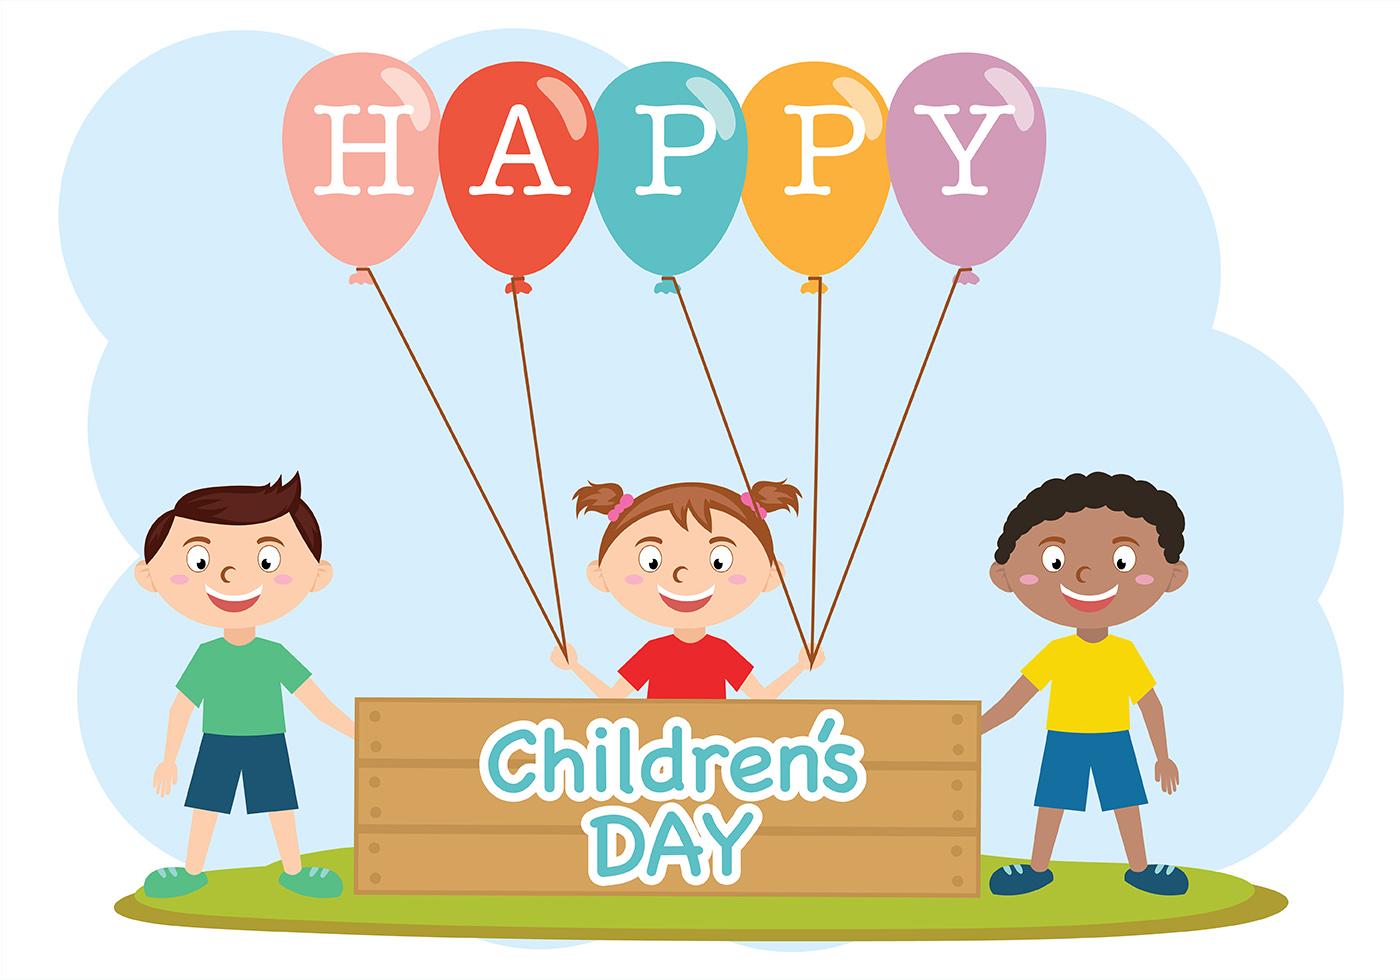 Happy children day vector download free vectors clipart graphics vector art - Children s day images download ...